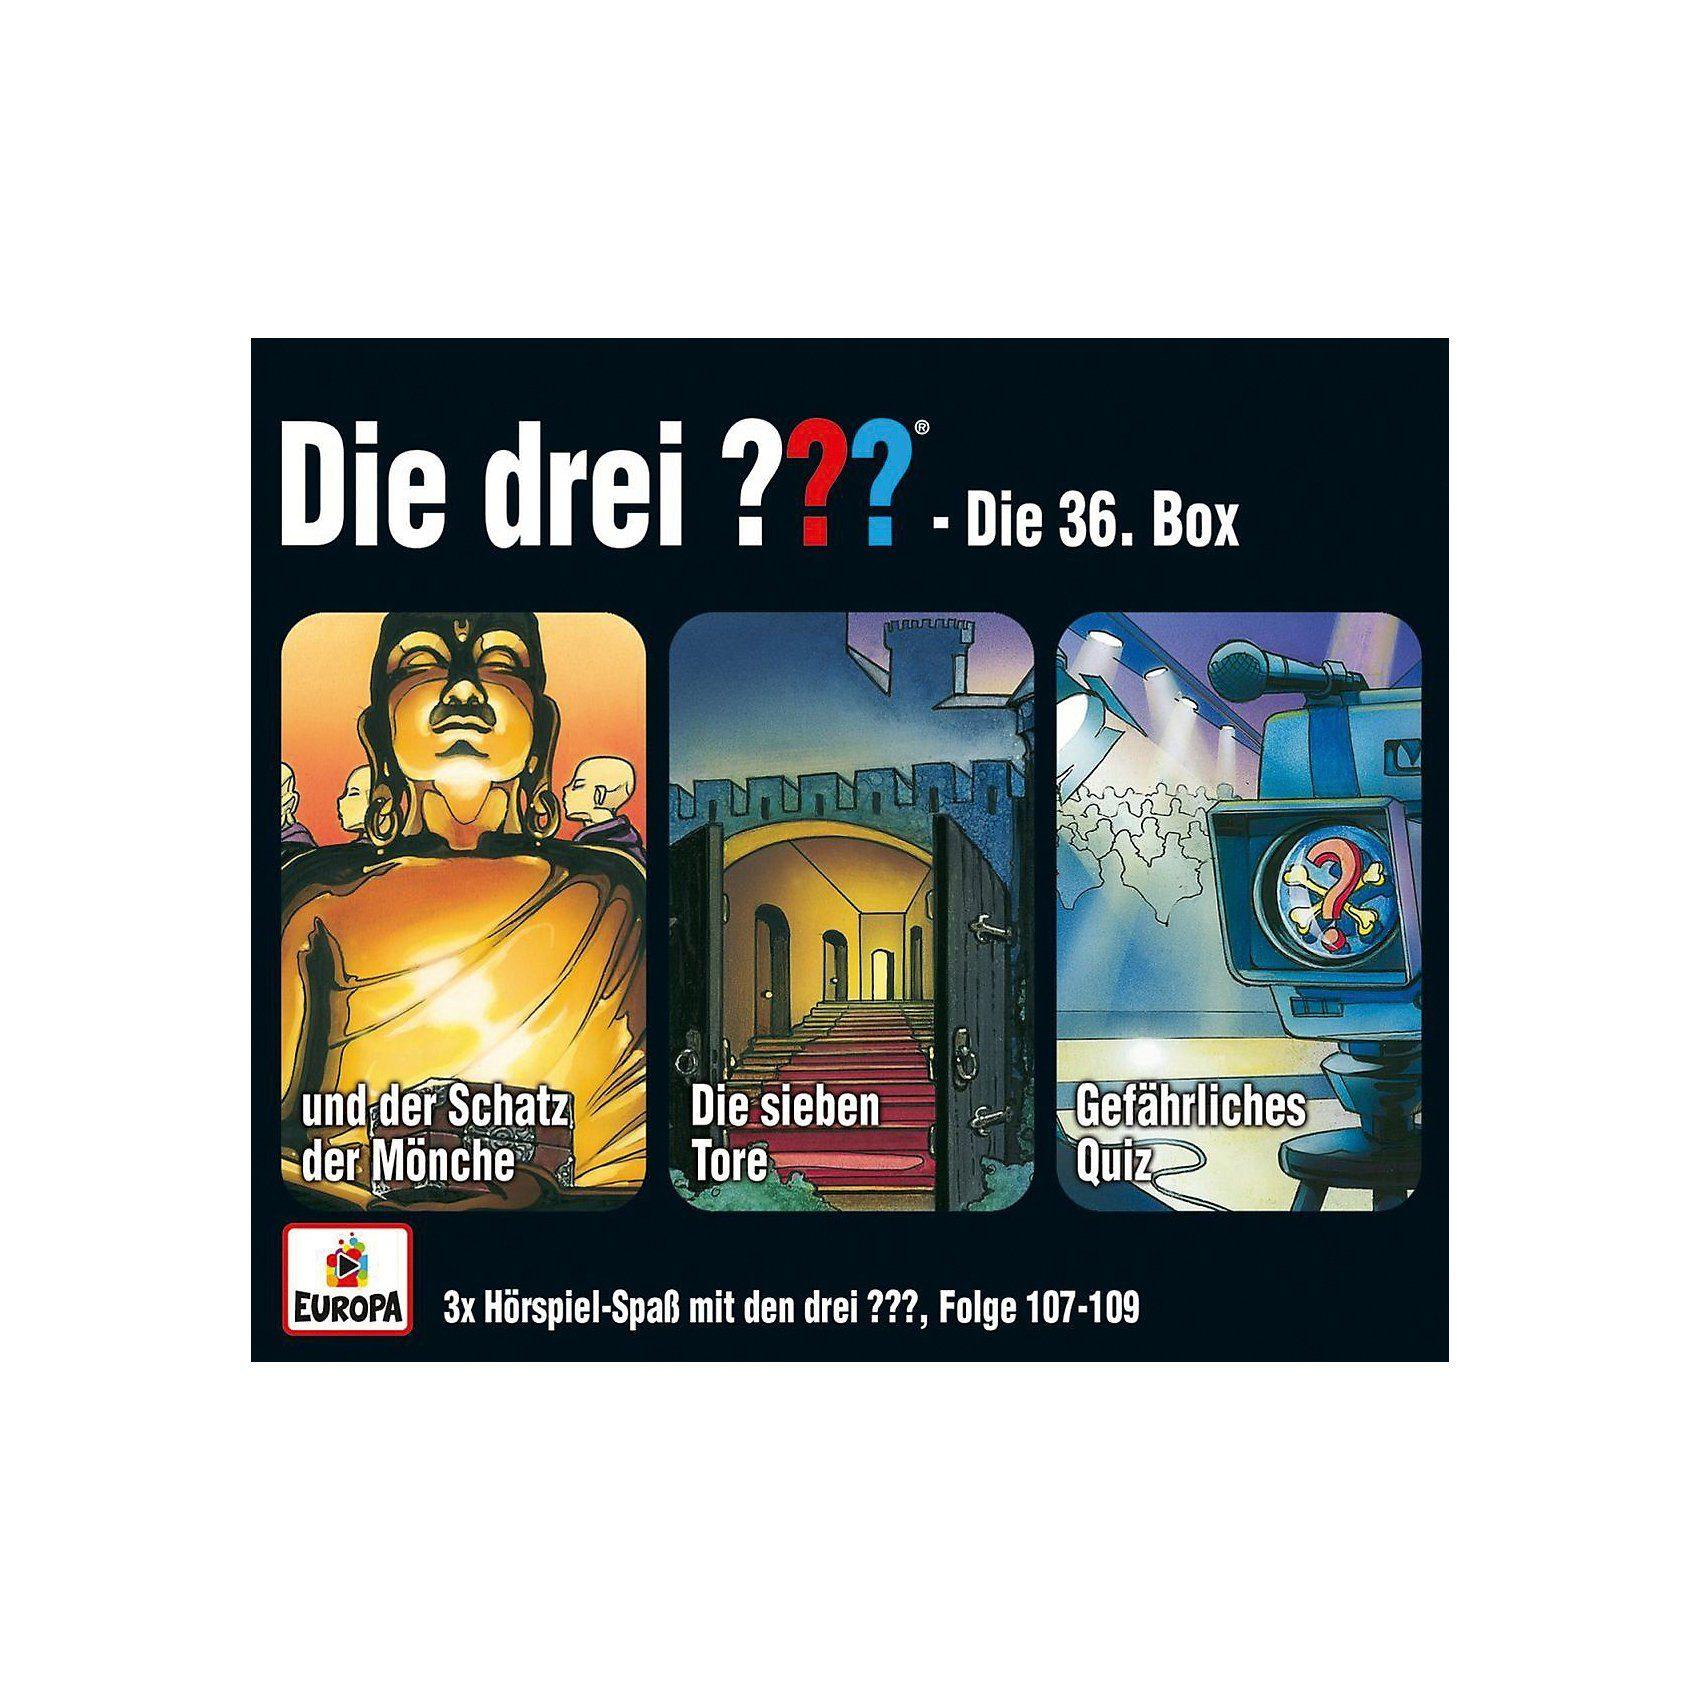 Sony CD Die drei ??? 36 - 3er CD-Box (Folgen 107,108,109)